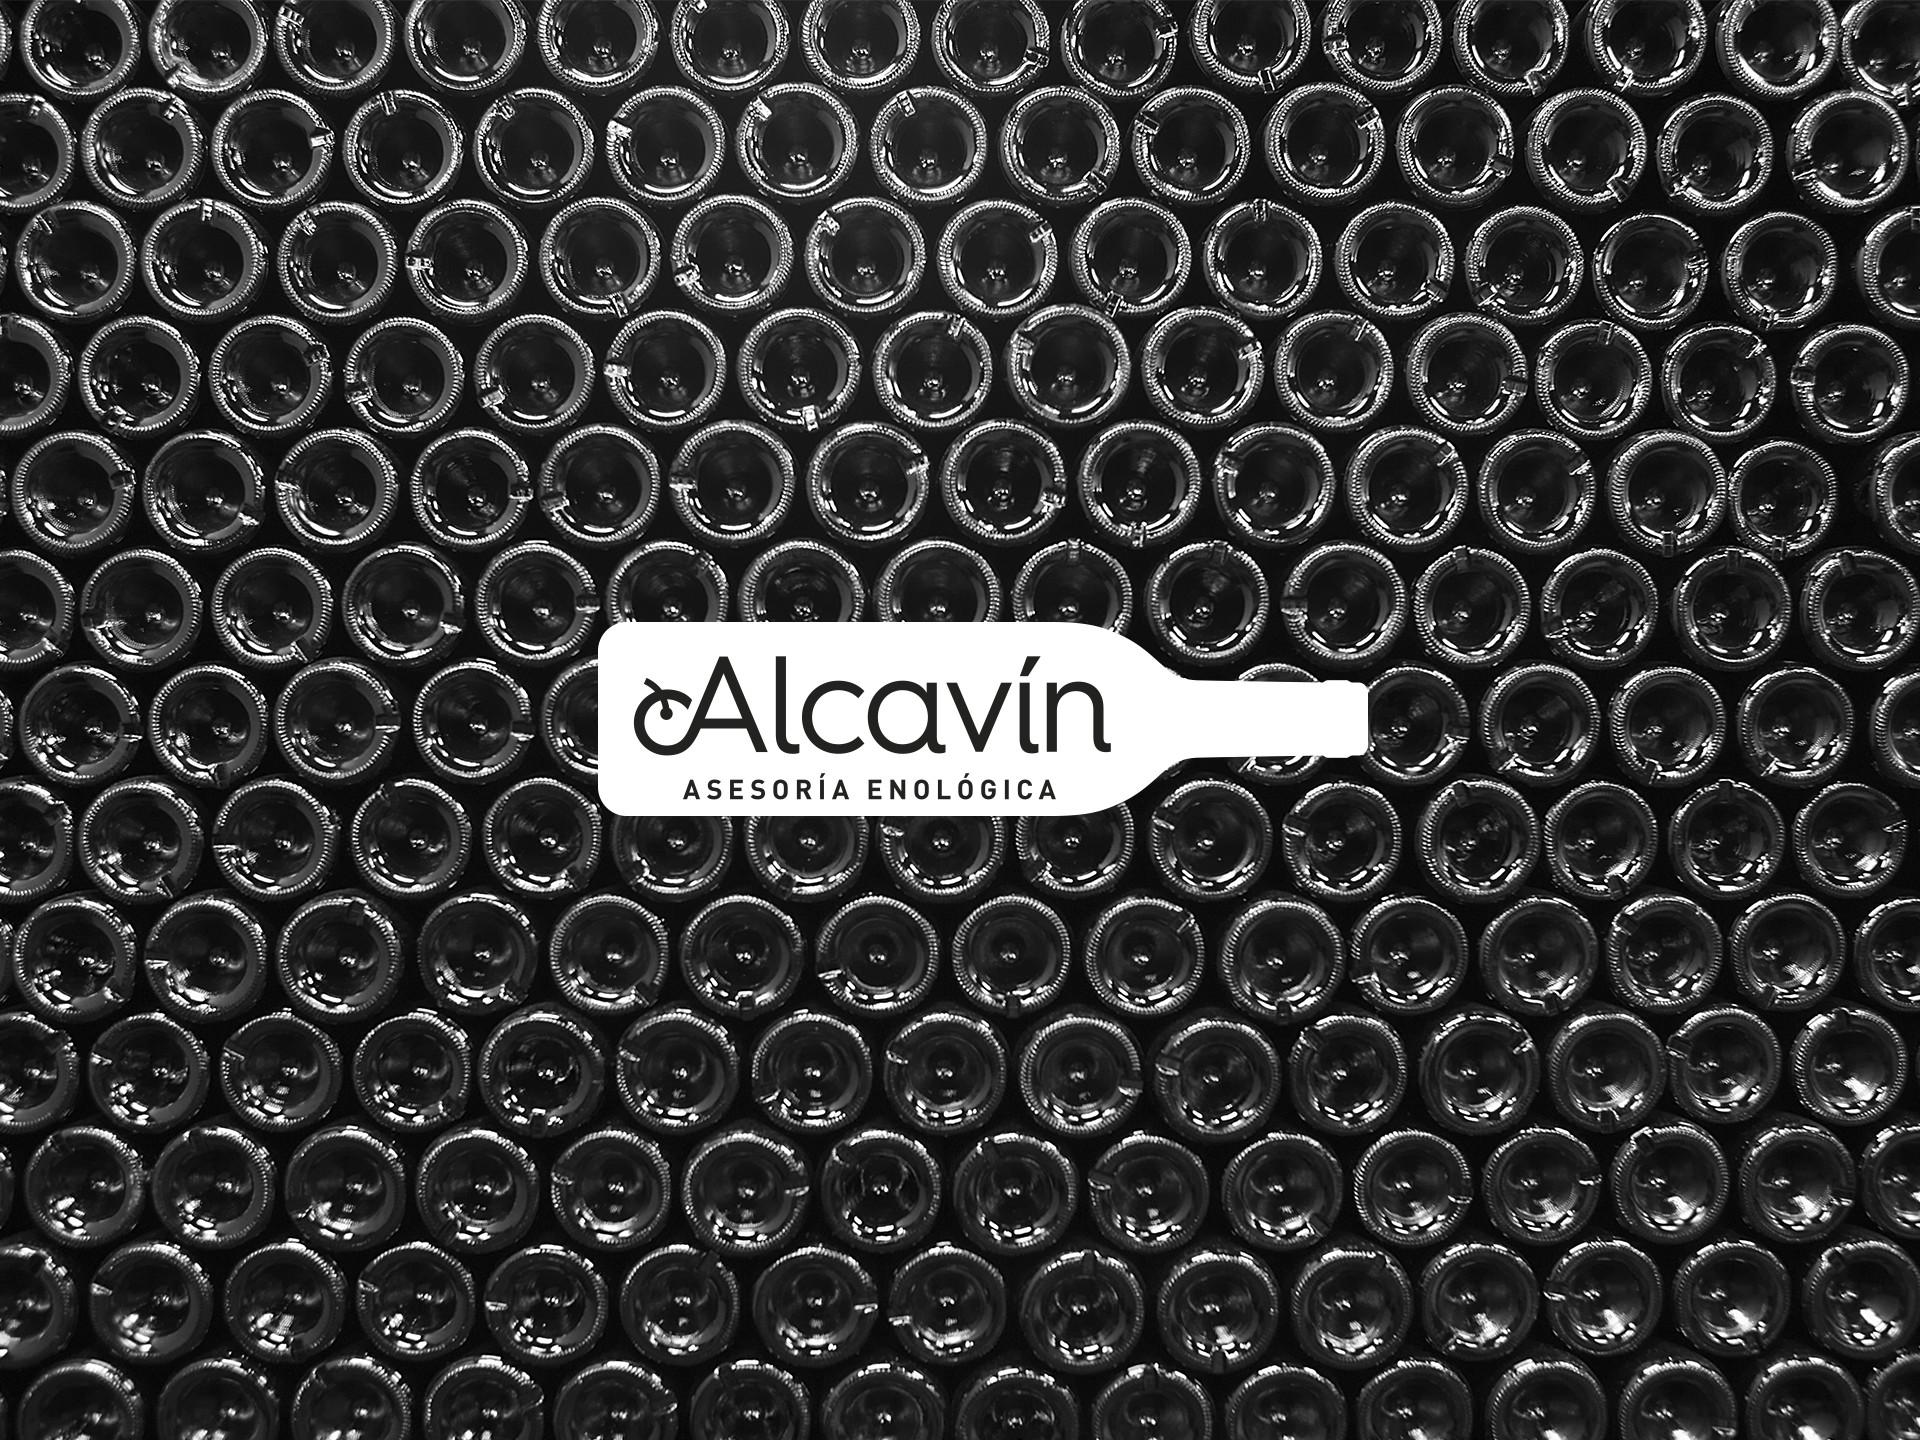 Diseño marca asesoría enológica Alcavín